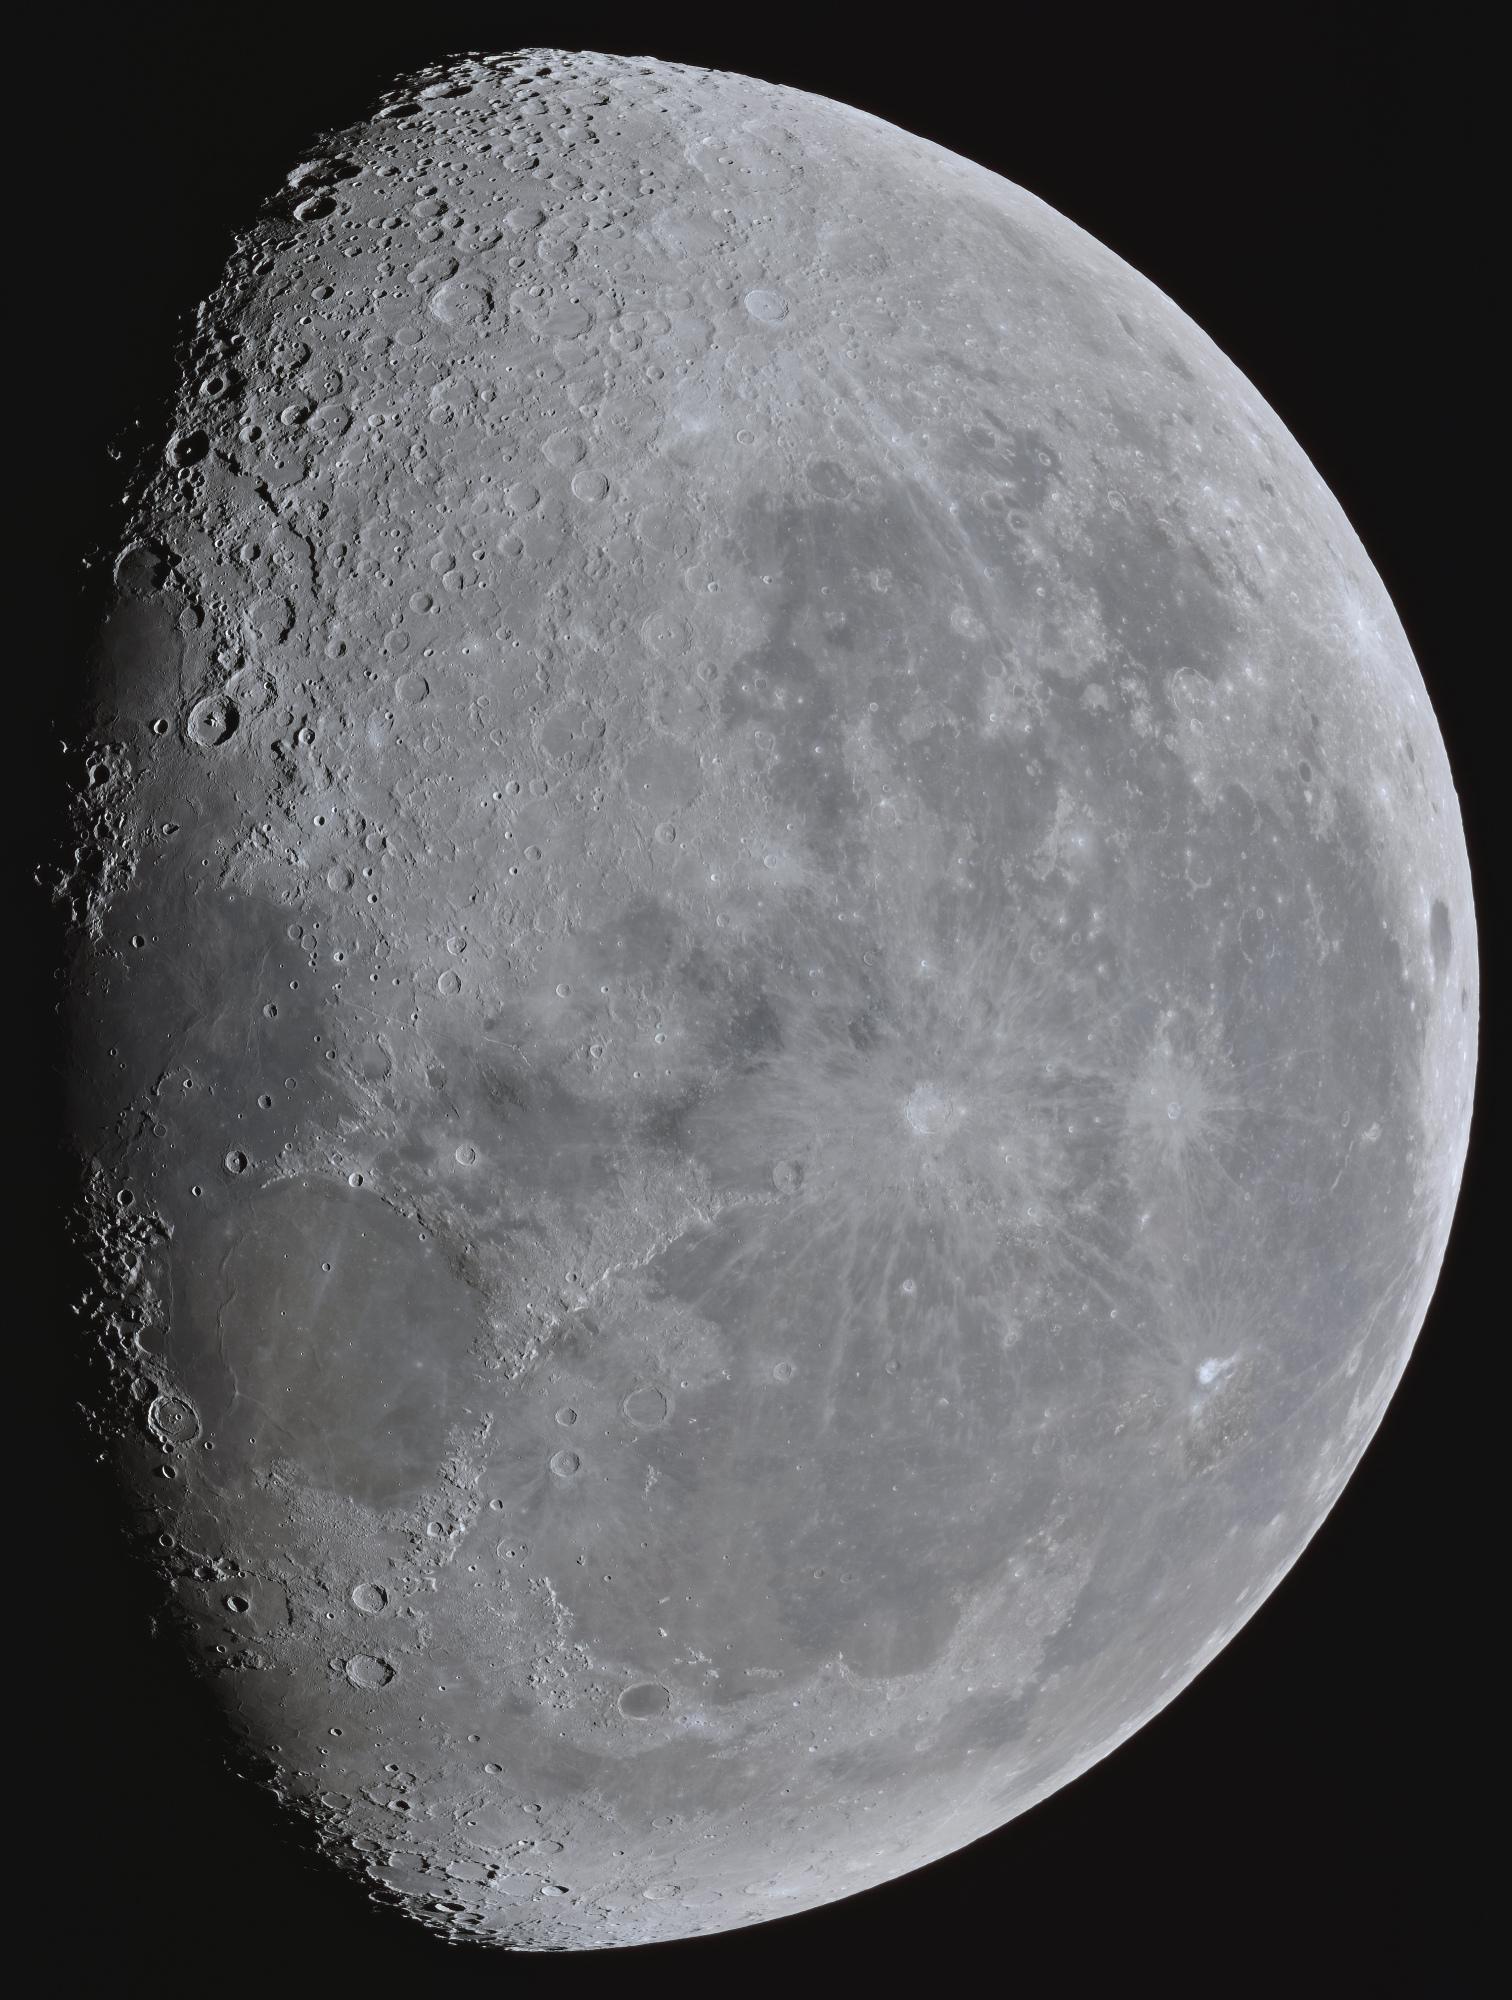 La_Lune_du_3_septembre_2015_27_images_recadrée_et_traitée_DxO_JPEG_97%.jpg